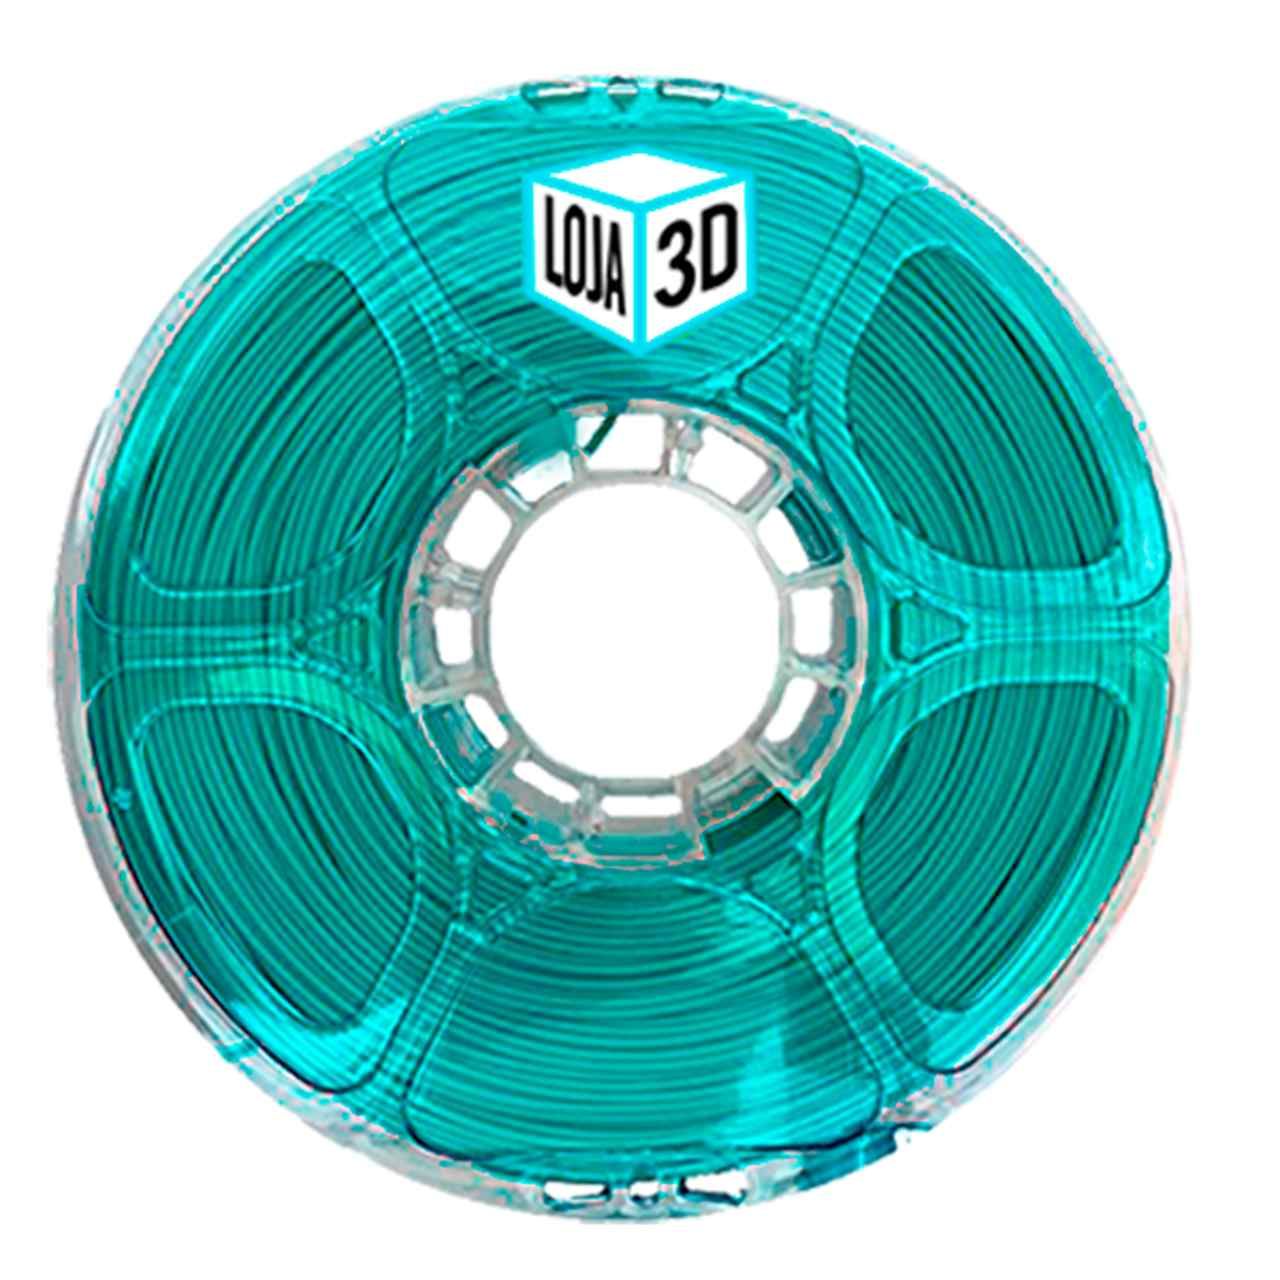 Filamento PLA Pro de Alta Resistência - Tiffany - Loja 3D - 1.75mm - 1kg